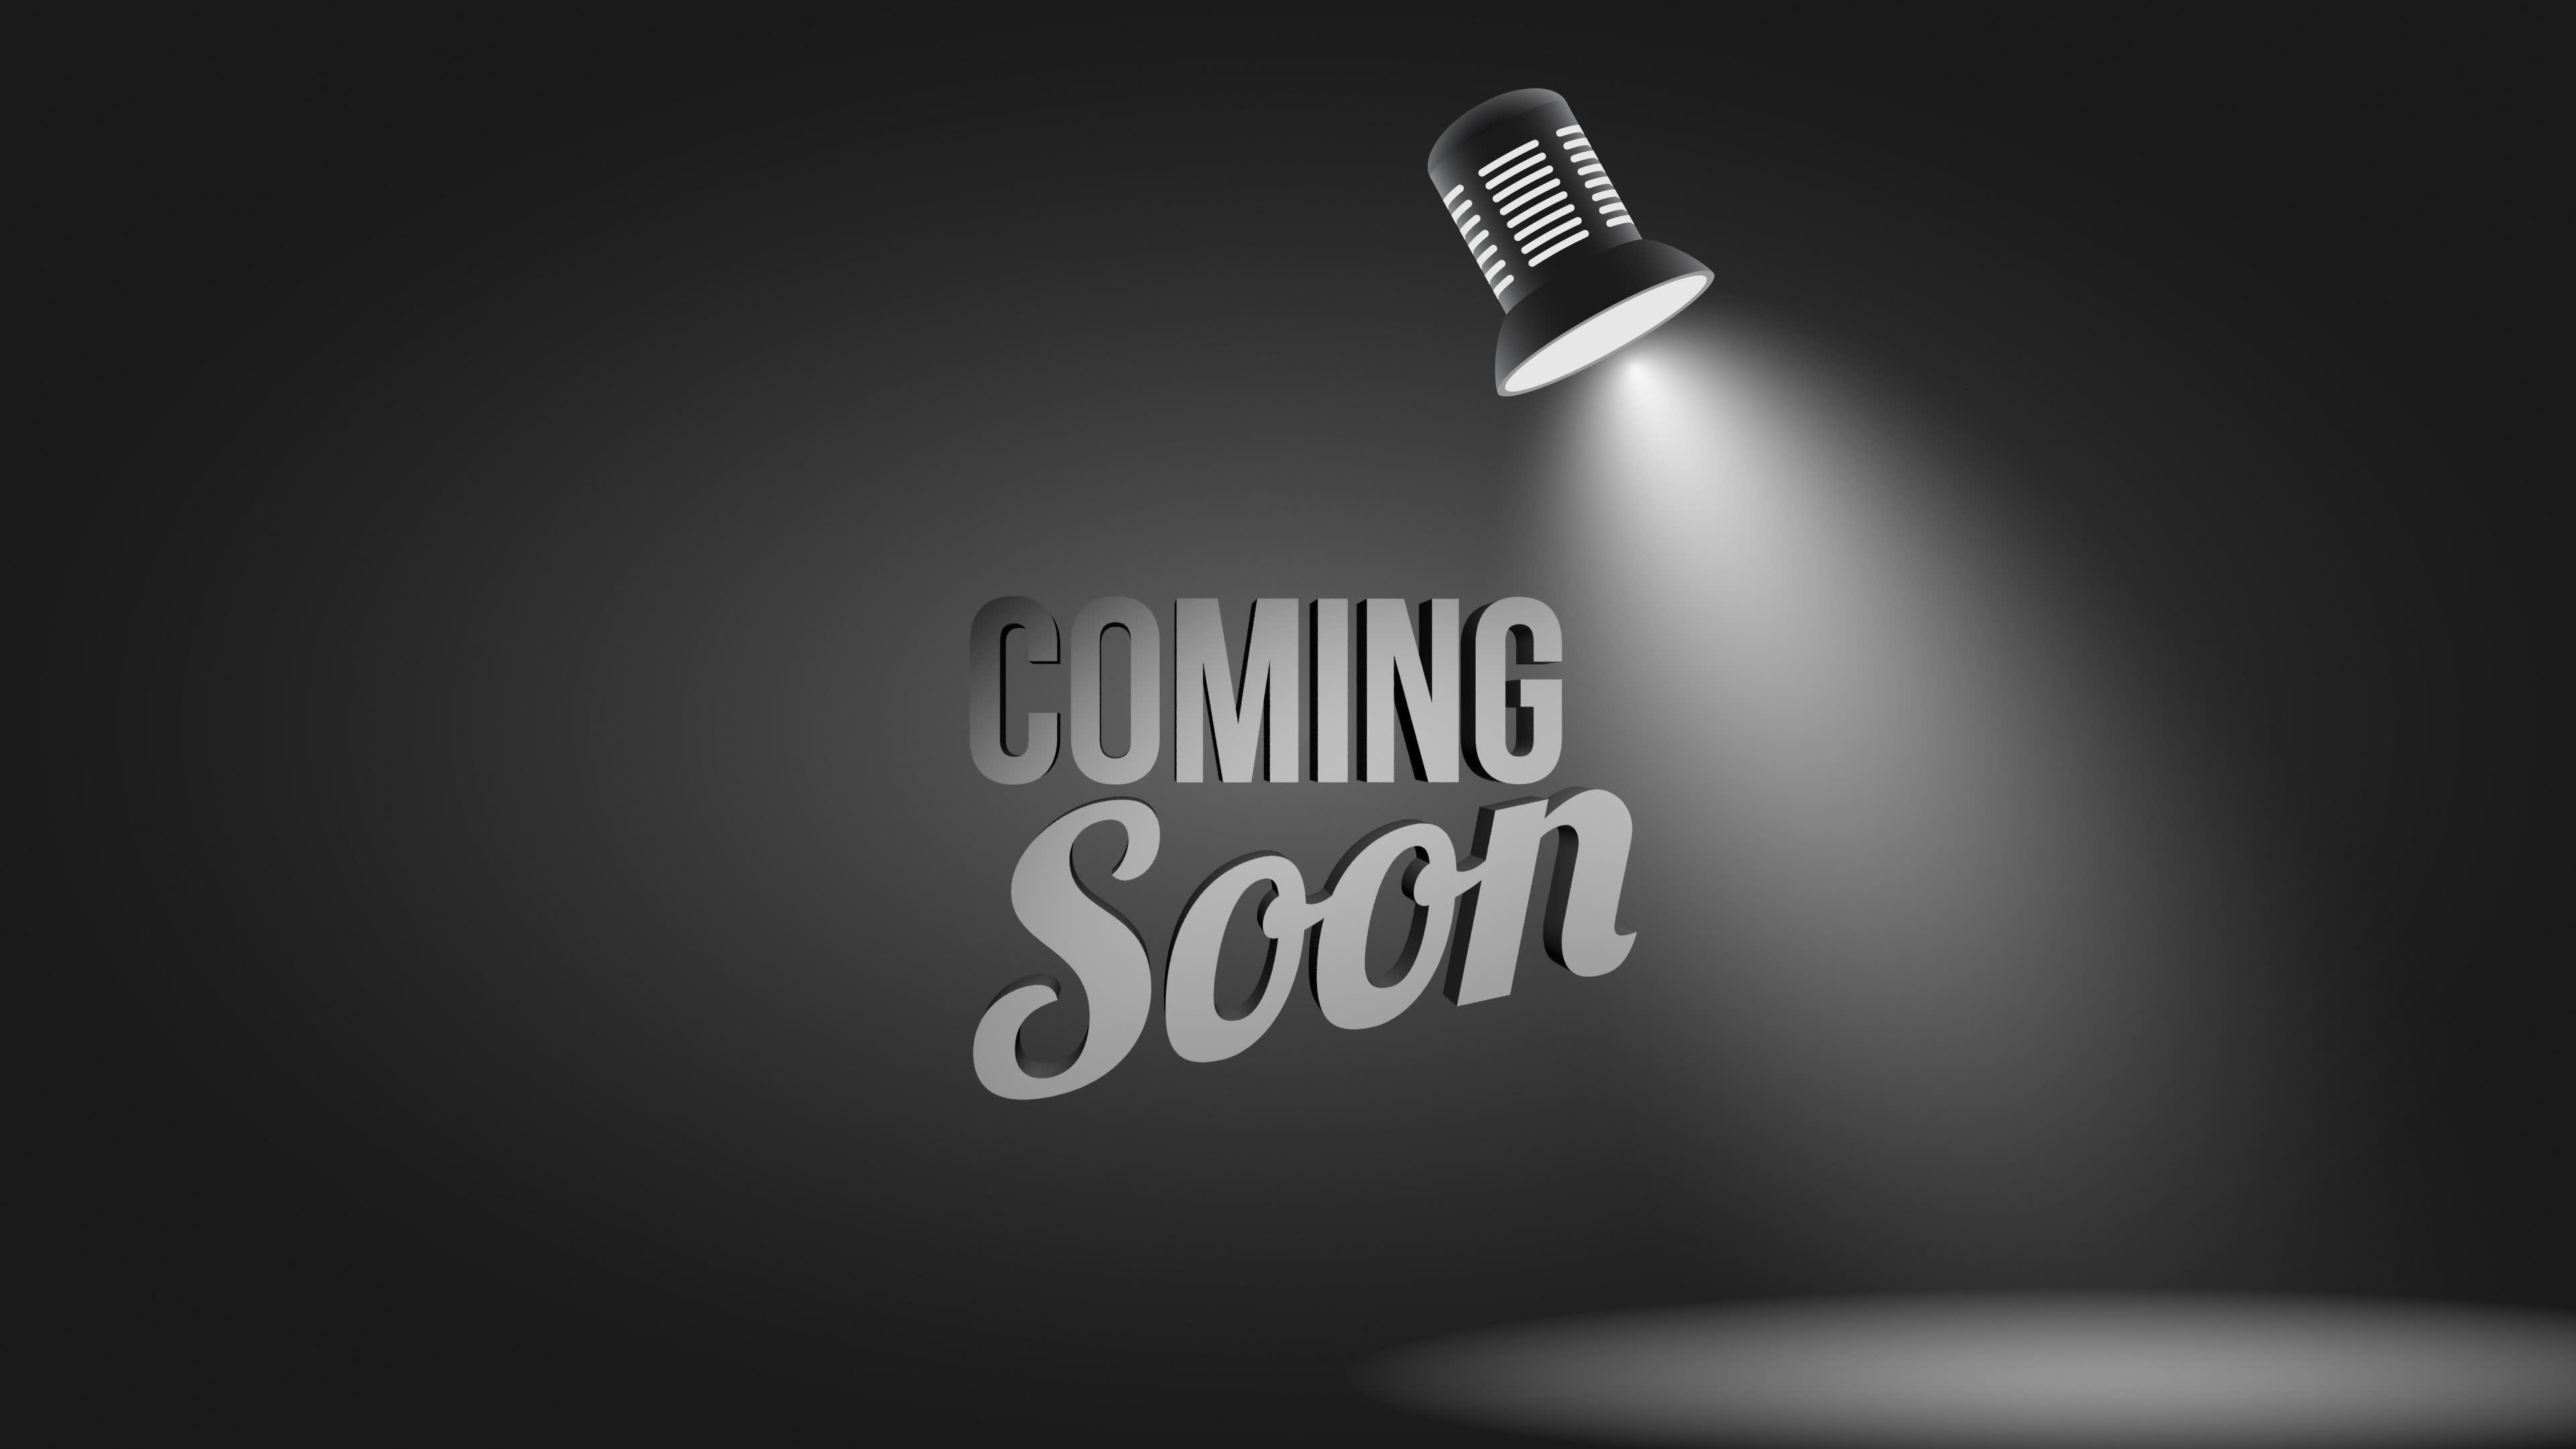 coming-soon-cdd1f55b4b23f44b4a3ef98cadbbab75.jpg